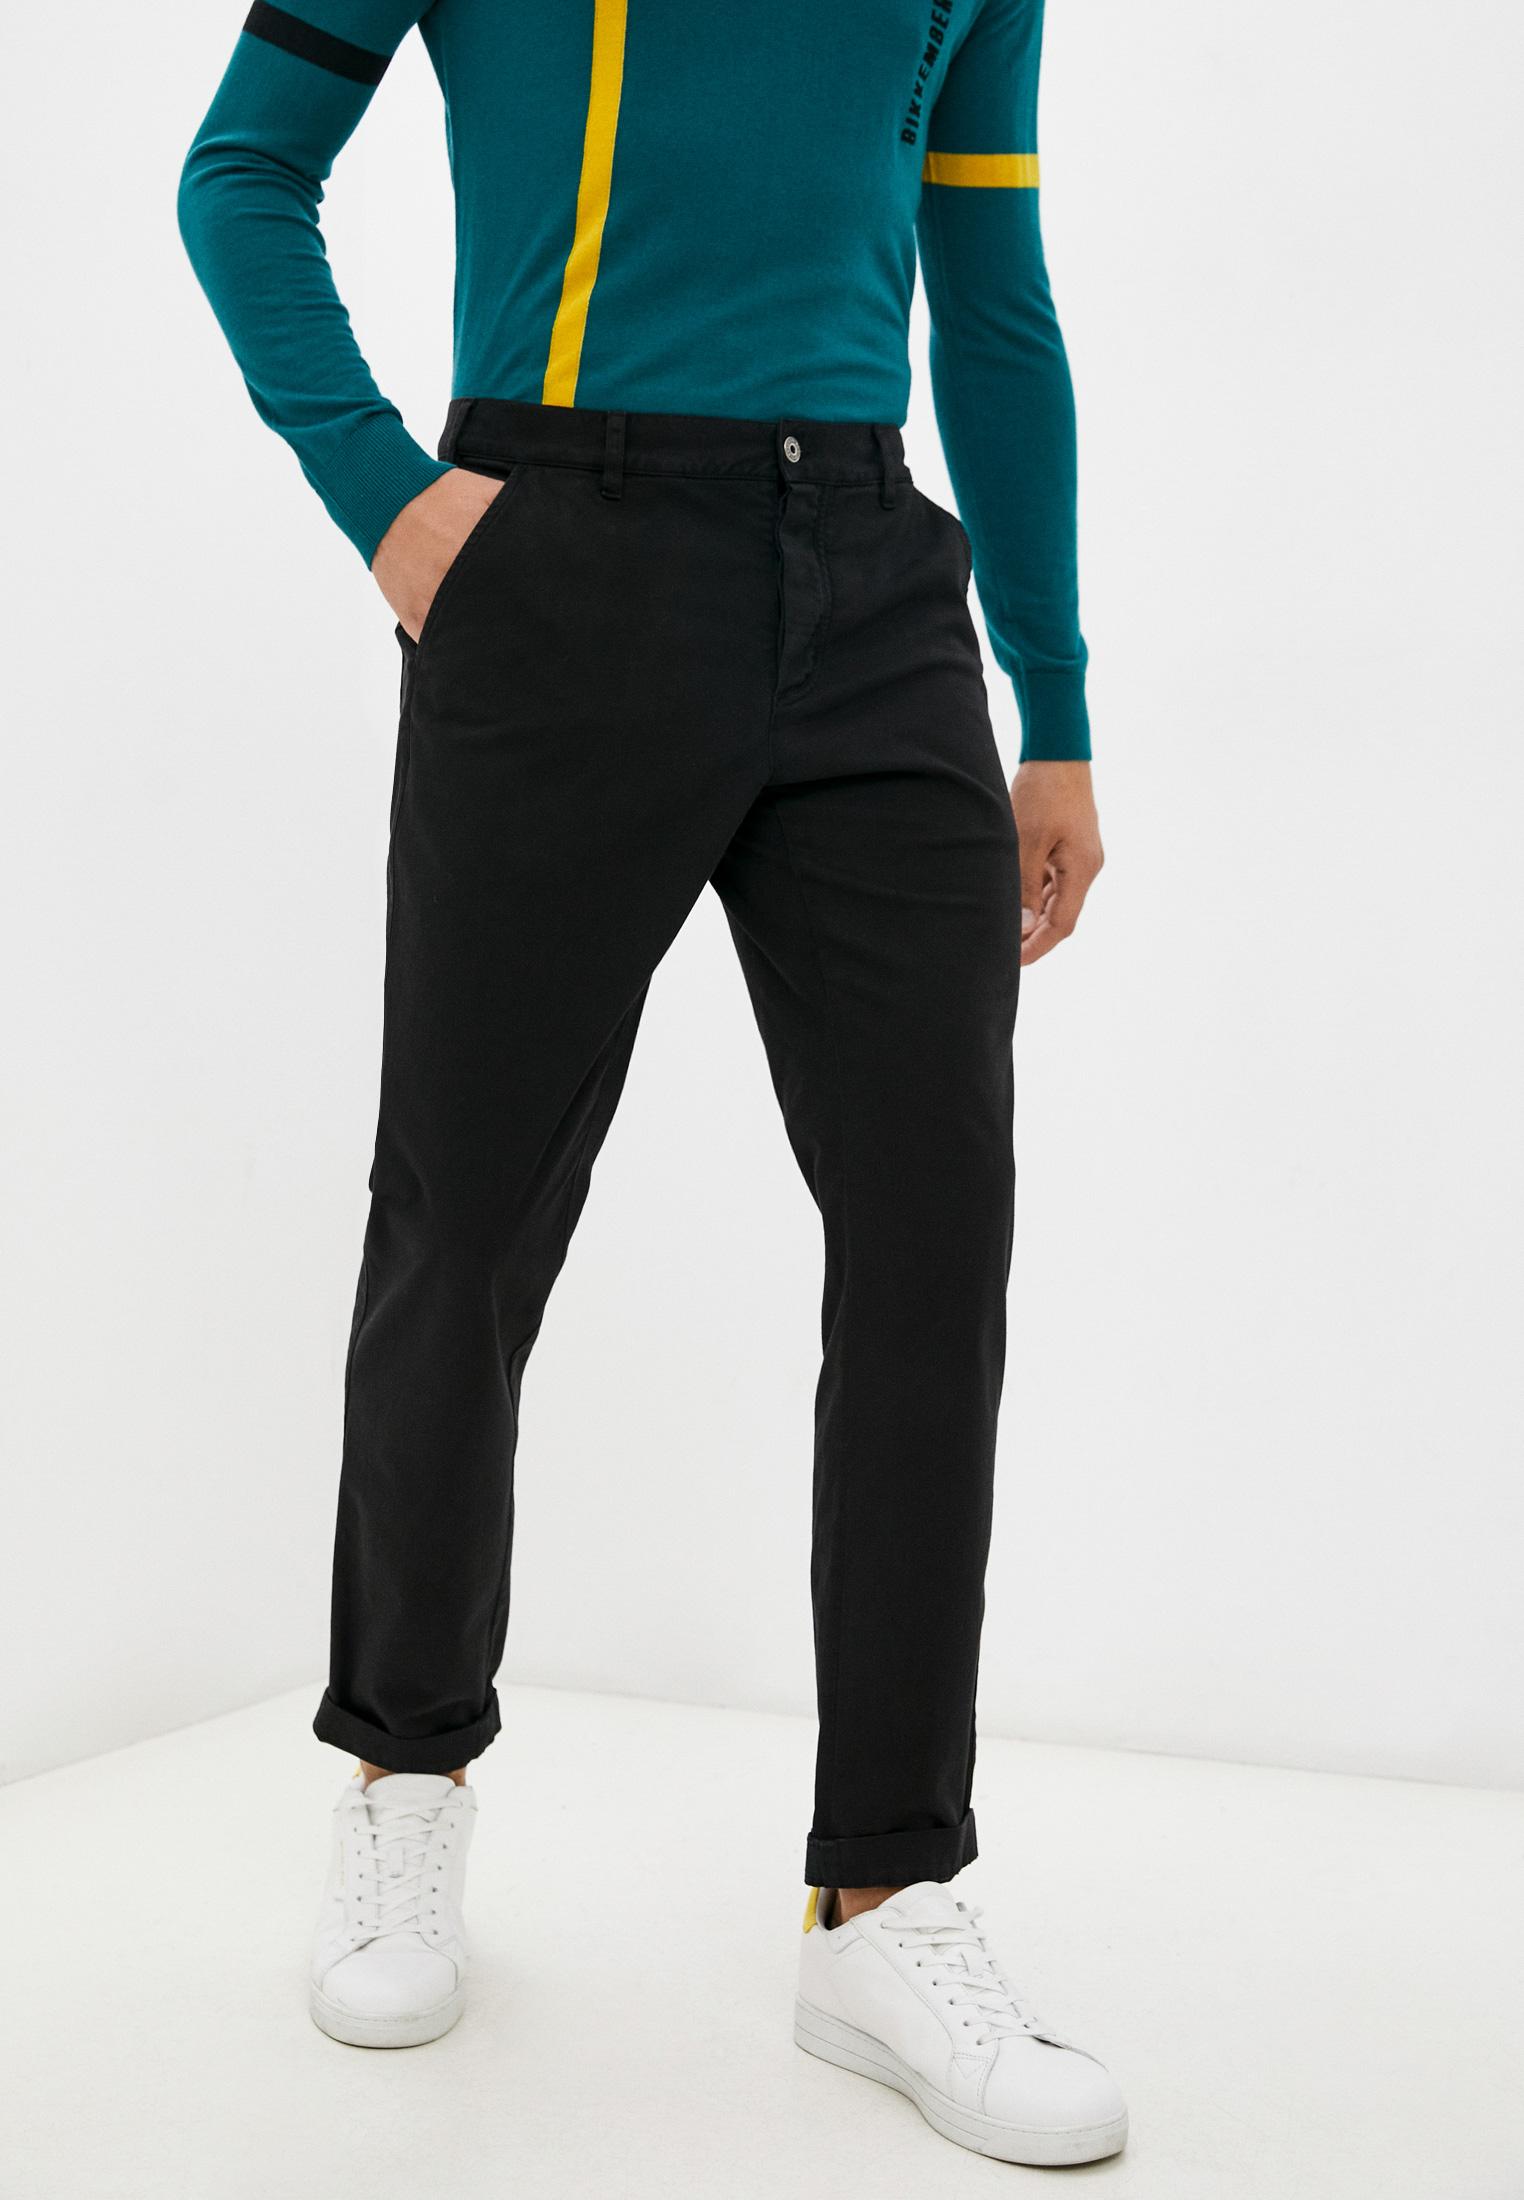 Мужские брюки Bikkembergs (Биккембергс) C P 055 04 S 3279